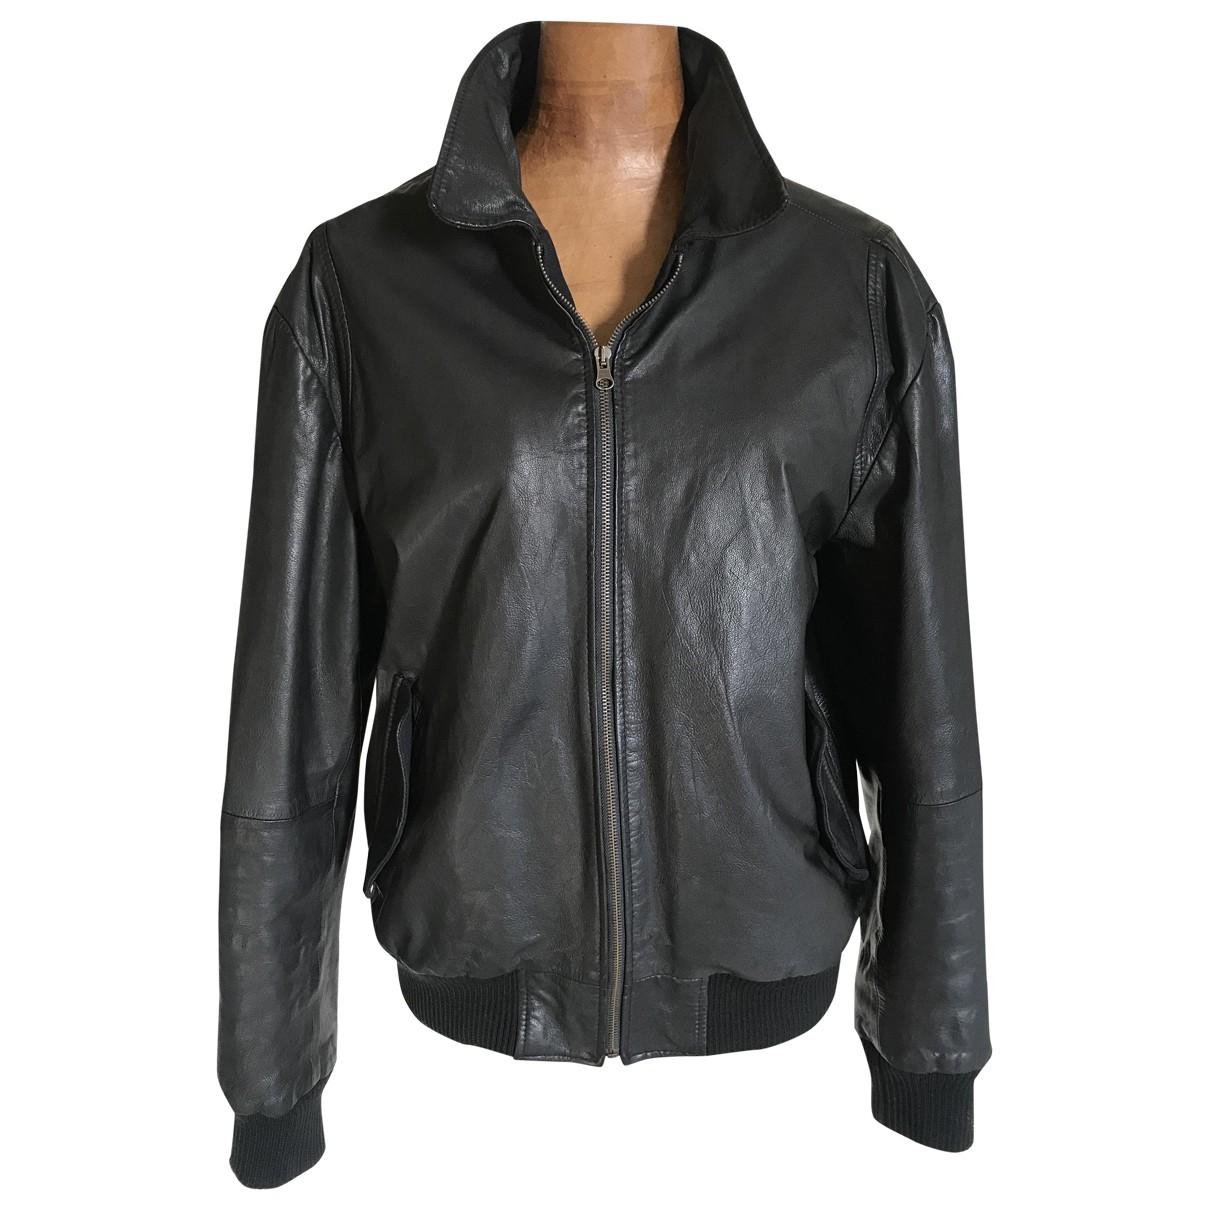 Zara - Vestes.Blousons   pour homme - noir